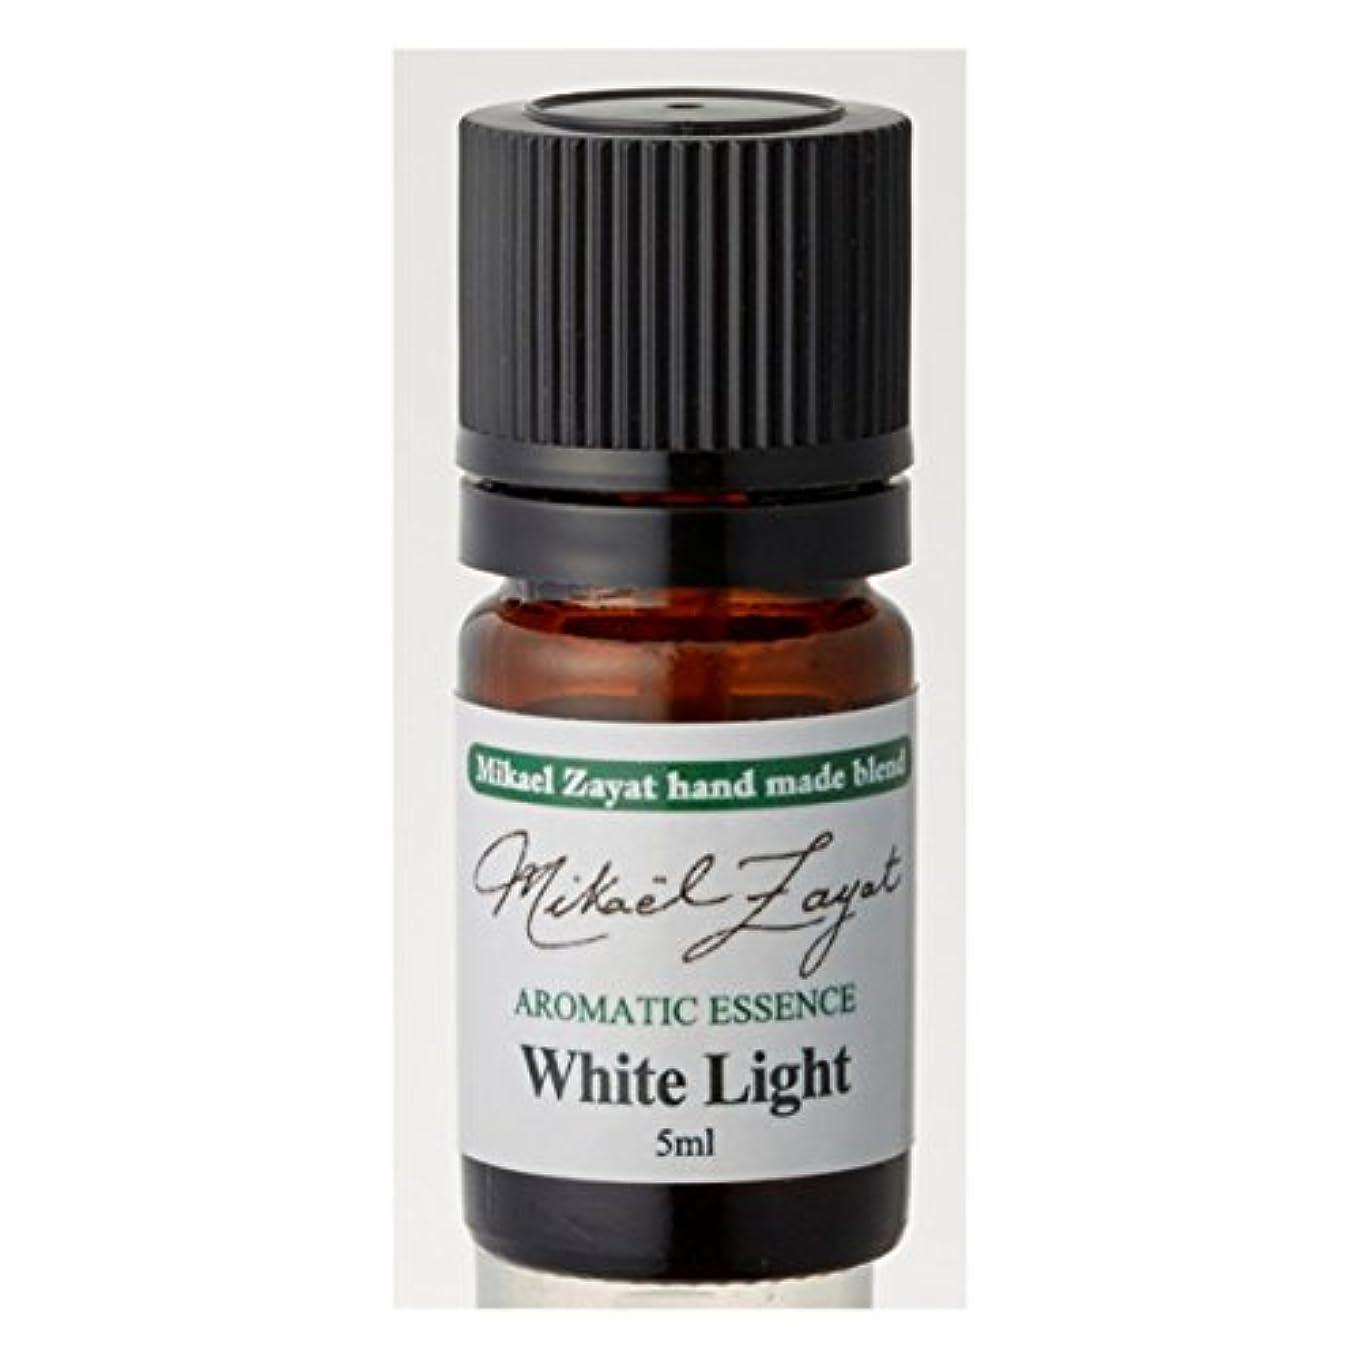 信者眠りエステートミカエルザヤット ホワイトライト White Light 5ml/ Mikael Zayat hand made blend